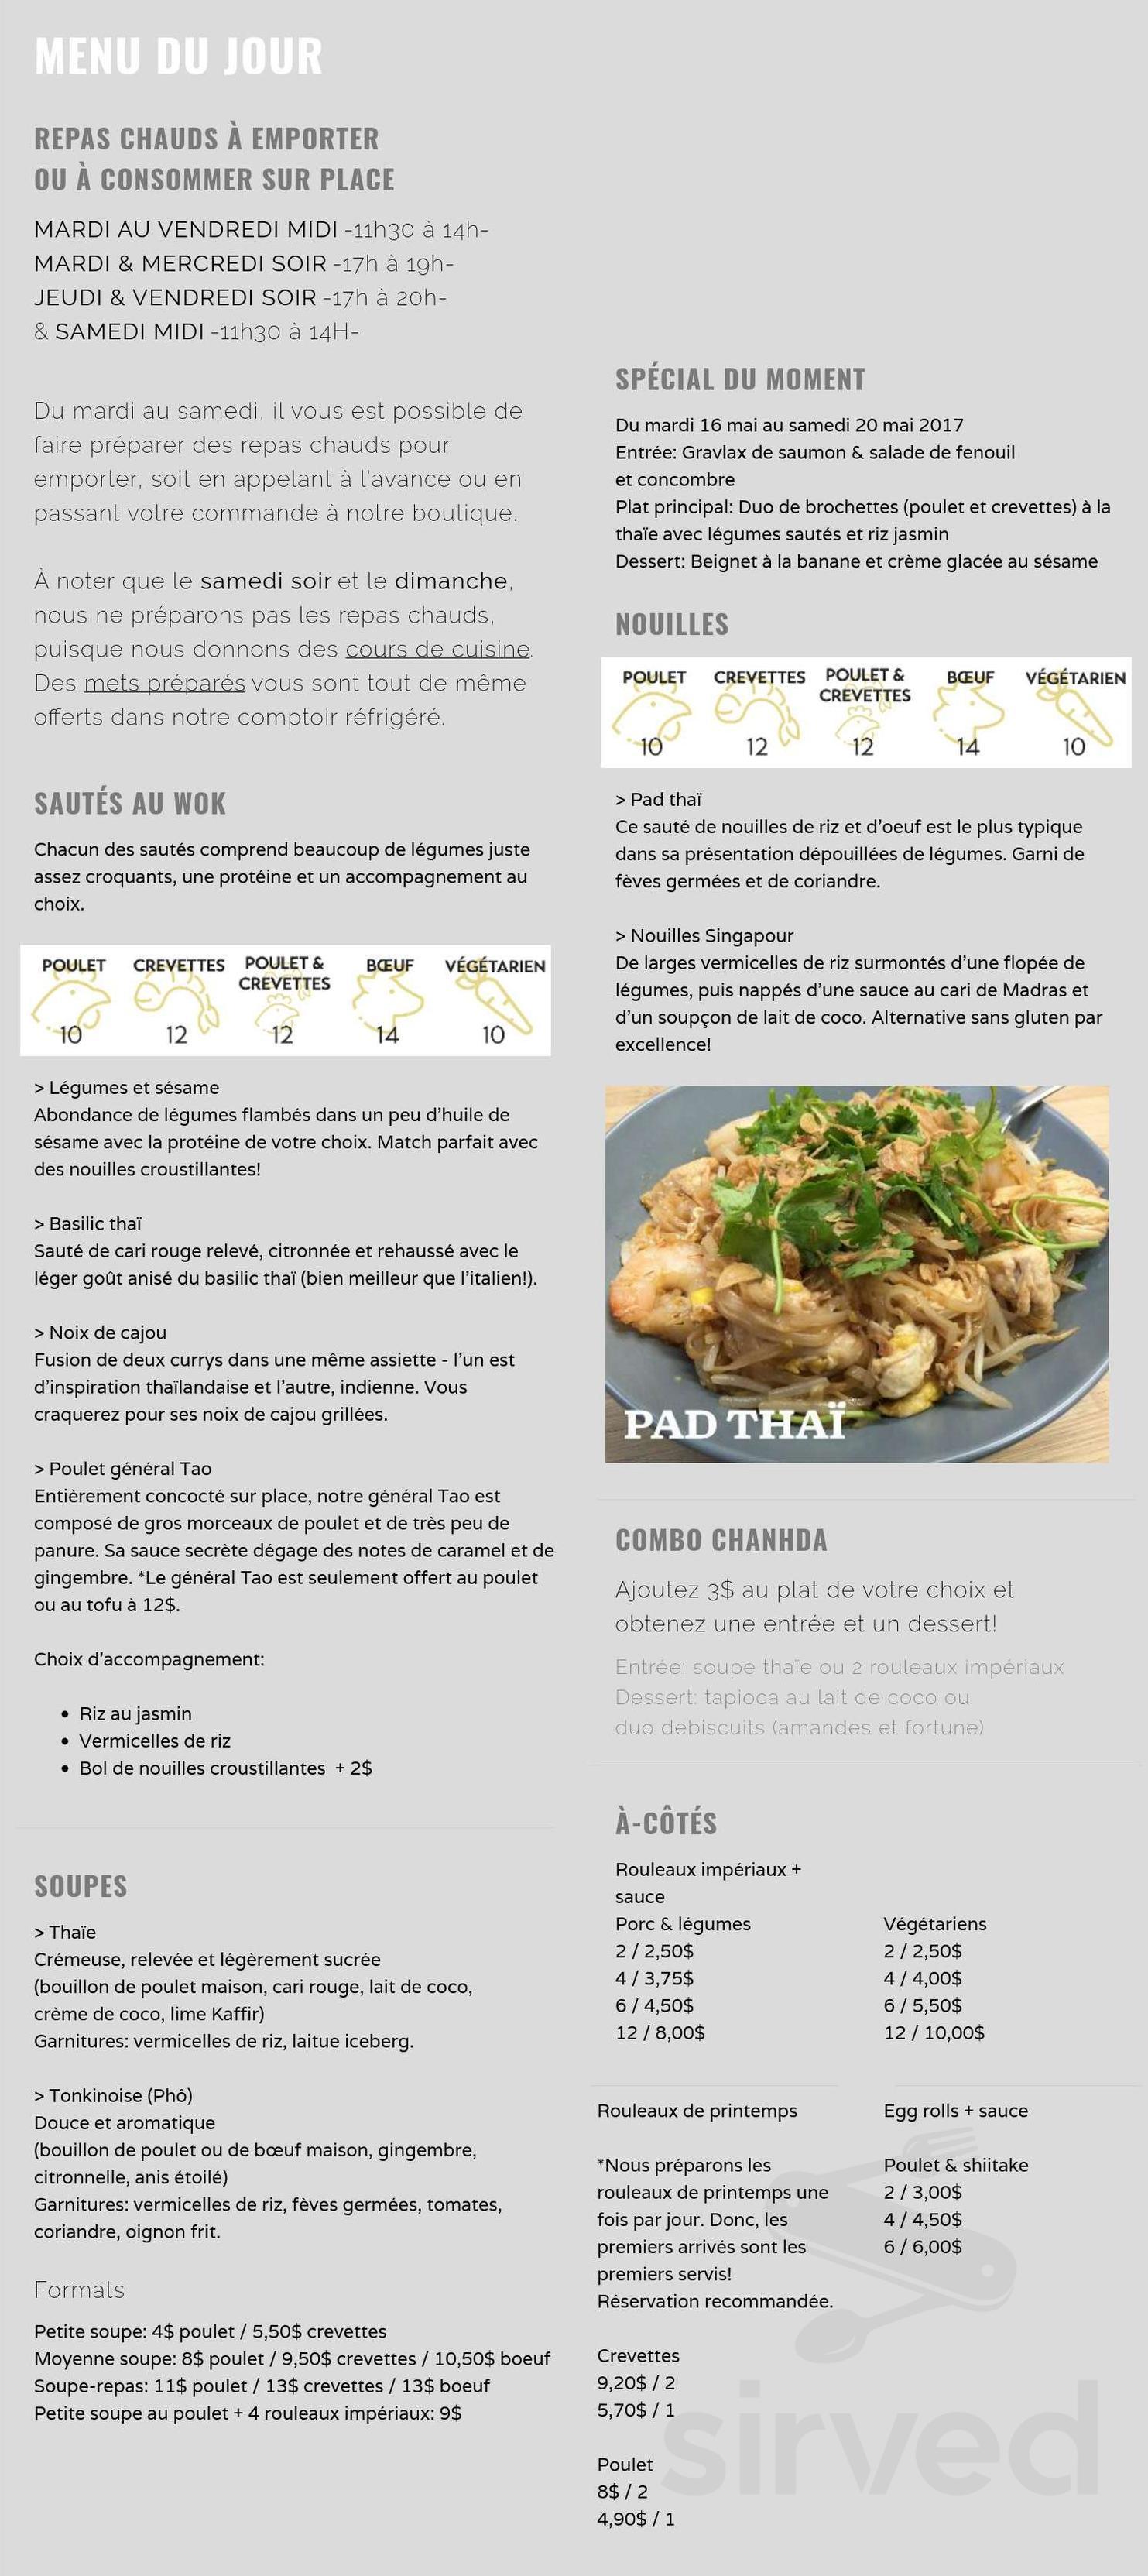 Chanhda Cuisine Asiatique Menu In Ville De Quebec Quebec